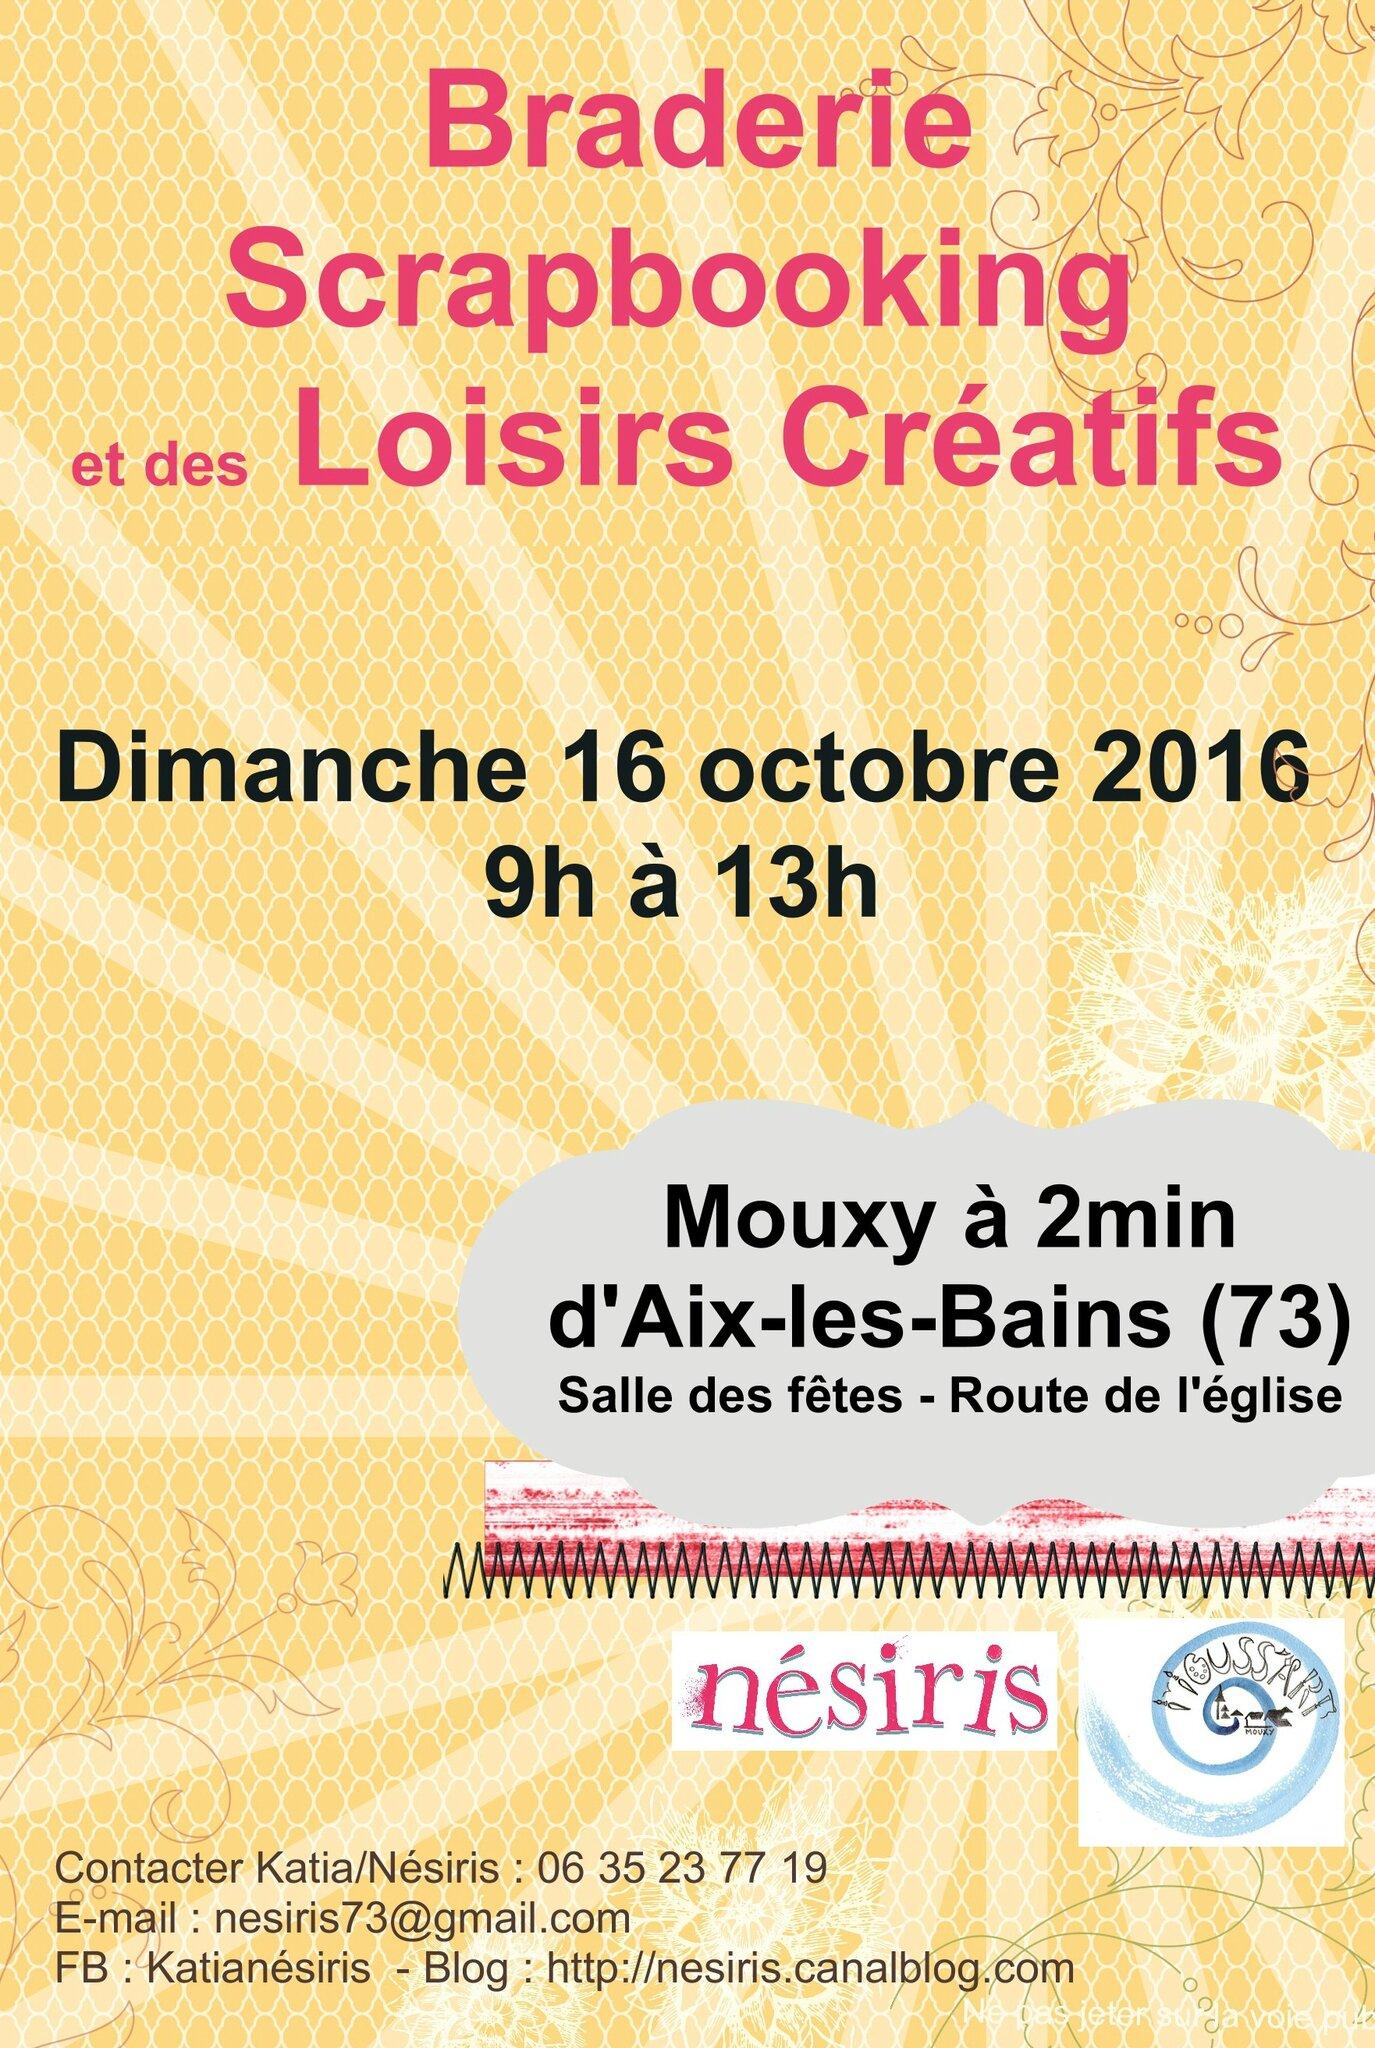 Braderie Scrapbooking et des Loisirs Créatifs - Aix-les-Bains/Mouxy Dimanche 16 octobre 2016